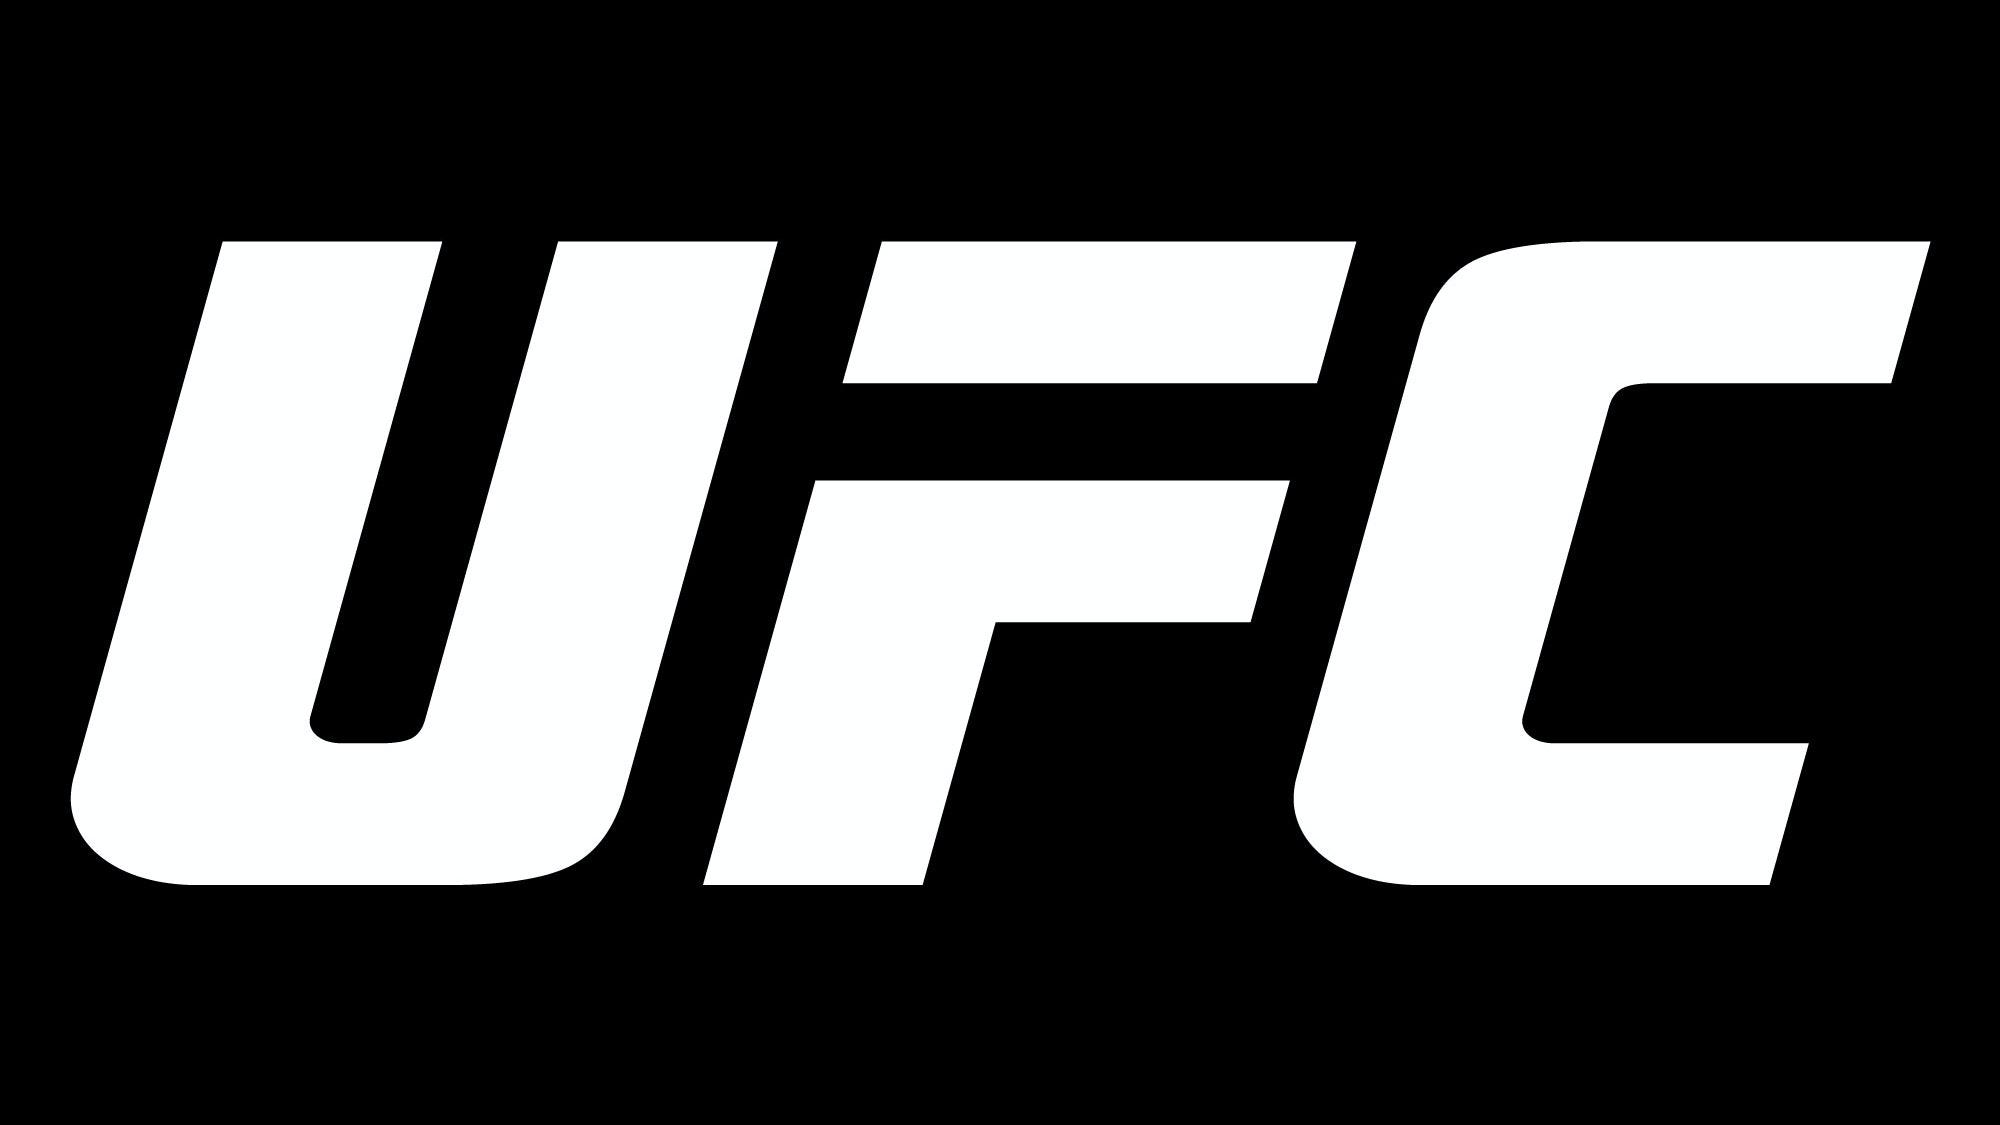 UFC Sound Waves